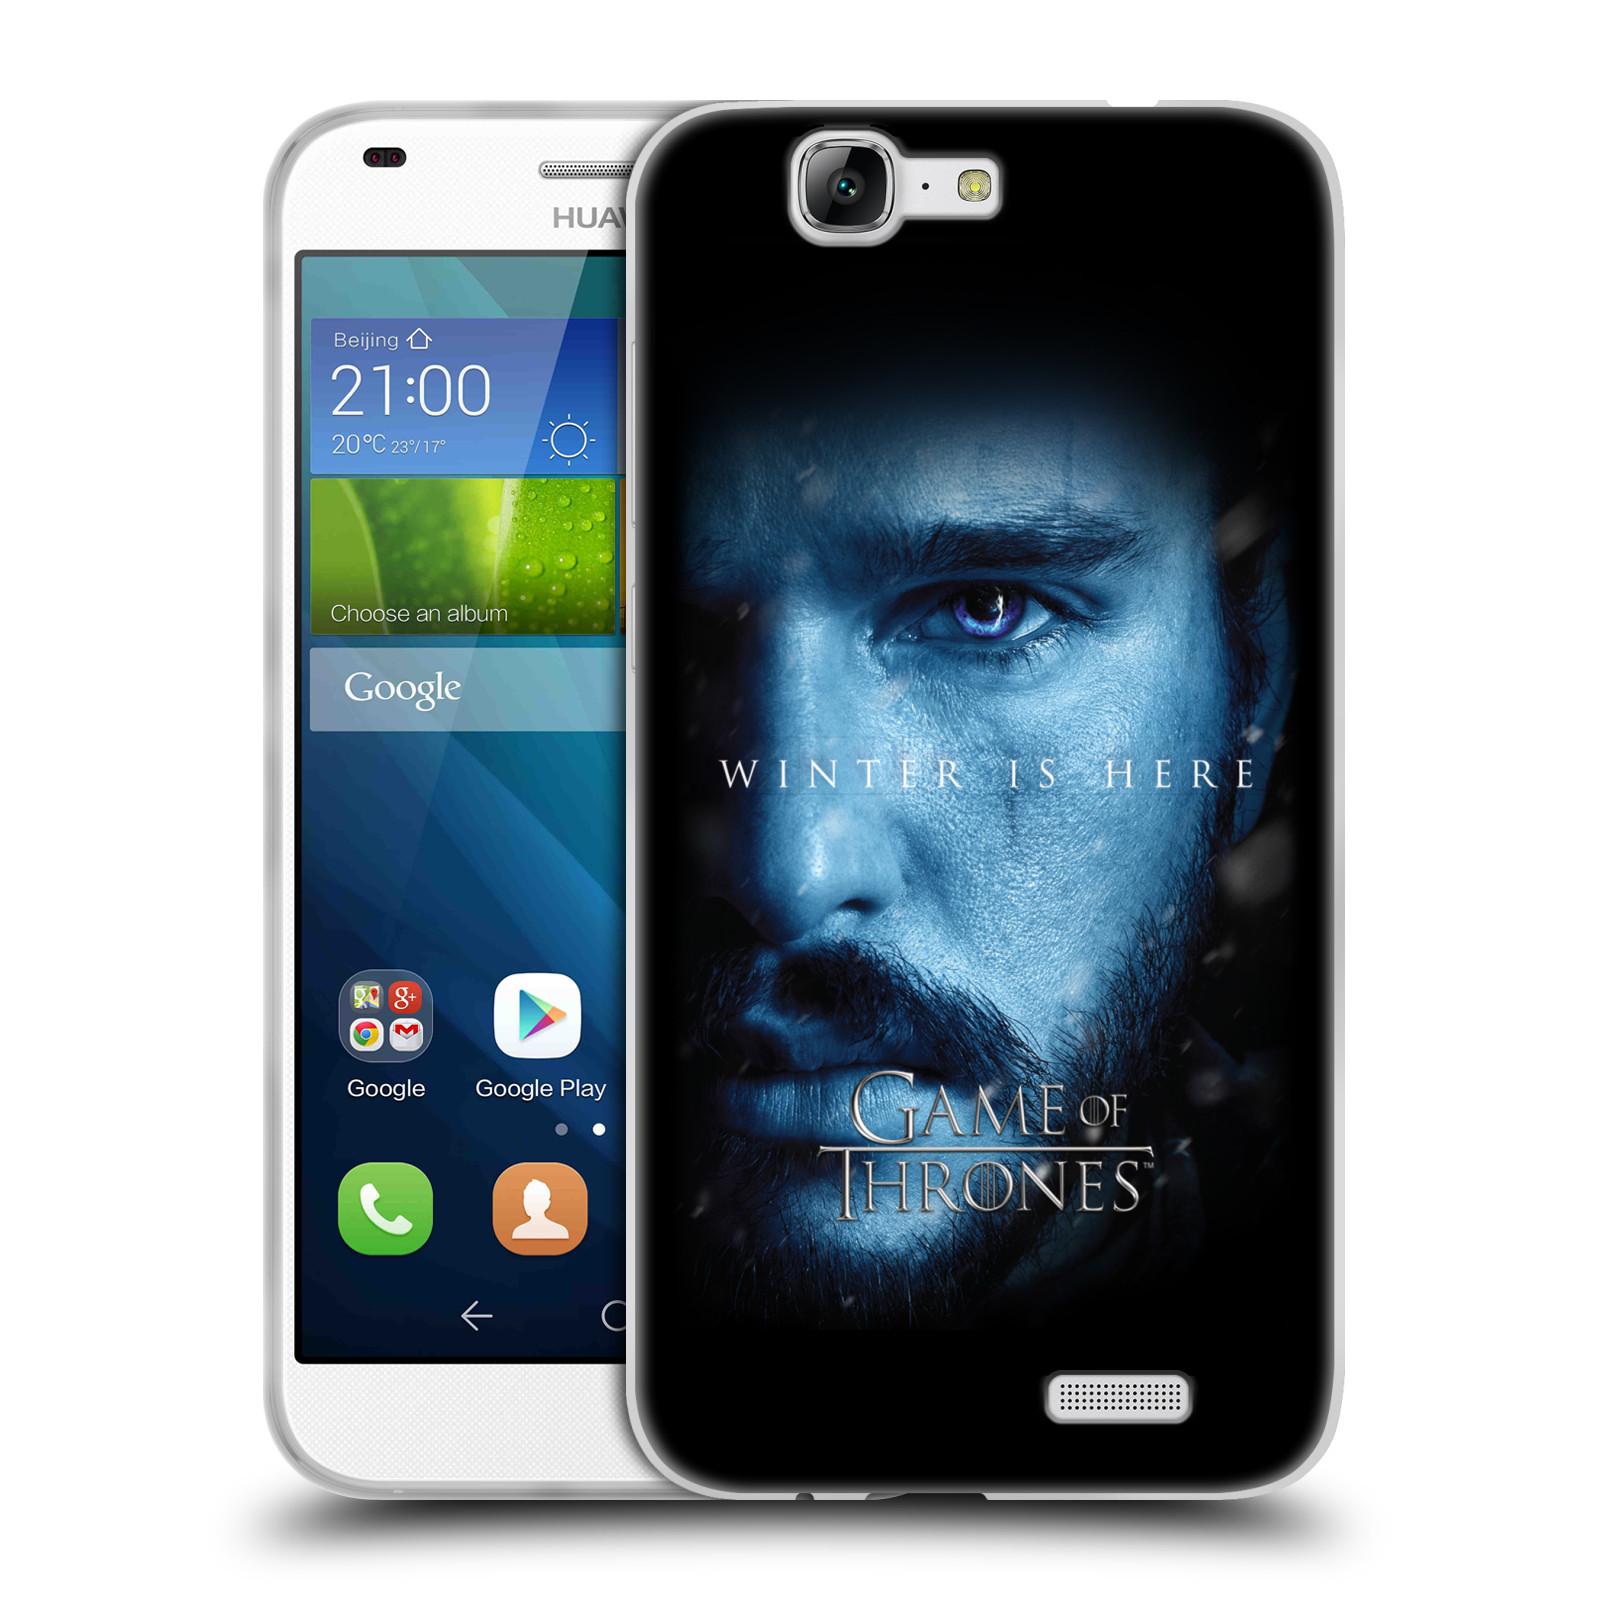 Silikonové pouzdro na mobil Huawei Ascend G7 - Head Case - Hra o trůny - Jon Snow - Winter is here (Silikonový kryt či obal na mobilní telefon s motivem Game of Thrones - Jon Snow - Winter is here - Season 7 pro Huawei Ascend G7)